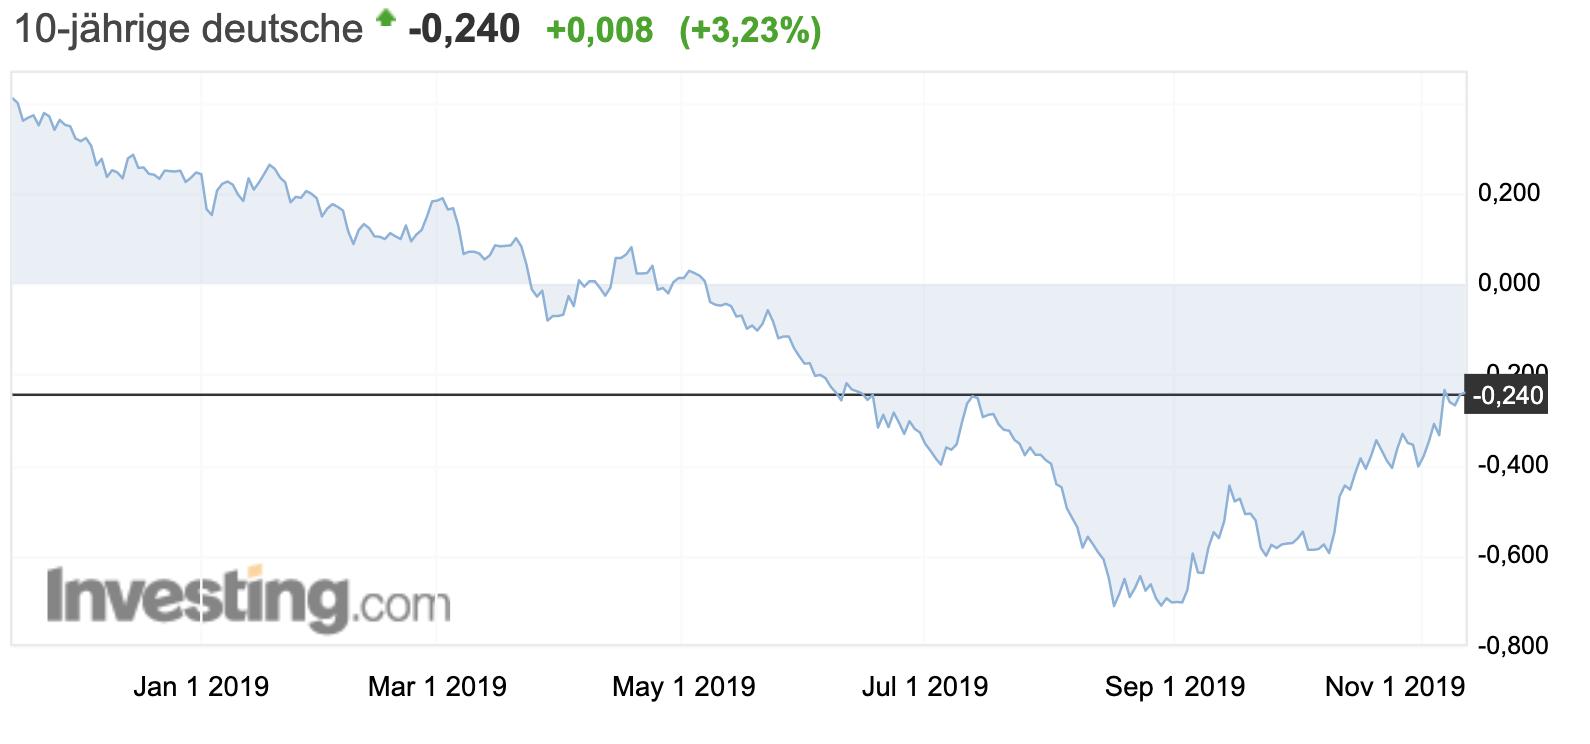 Anleiherendite 10 Jahre